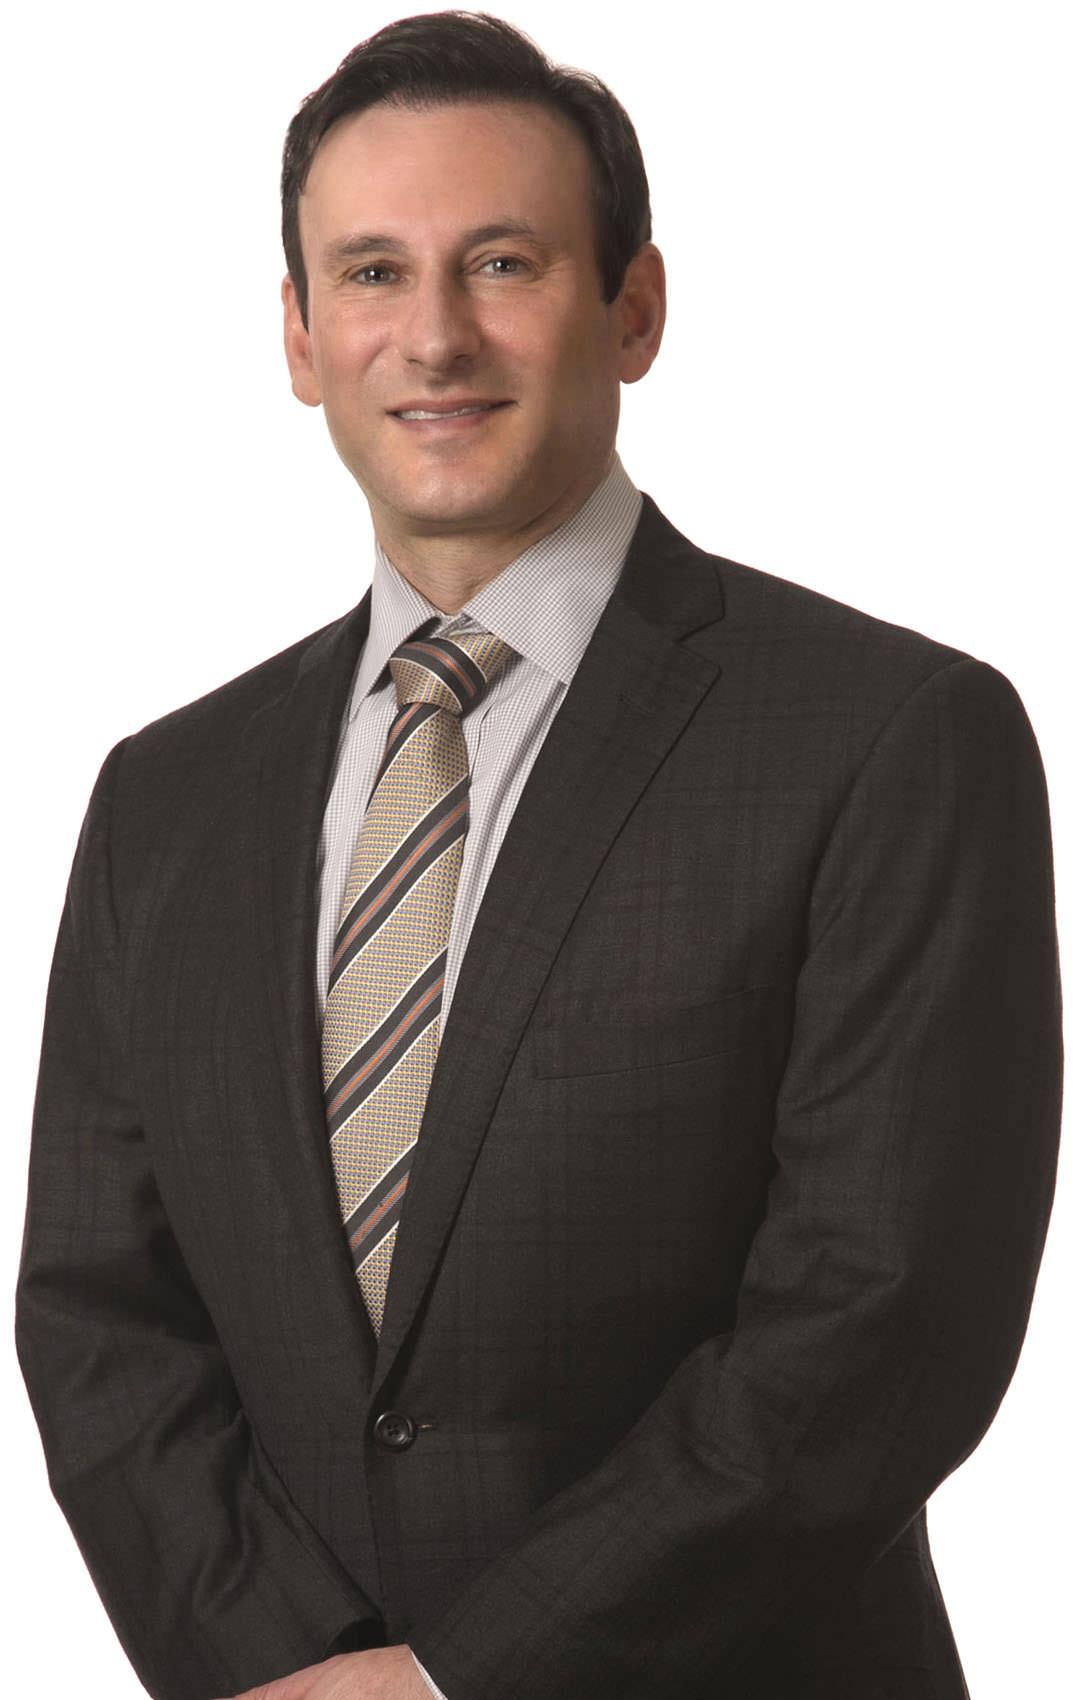 Jason I. Epstein